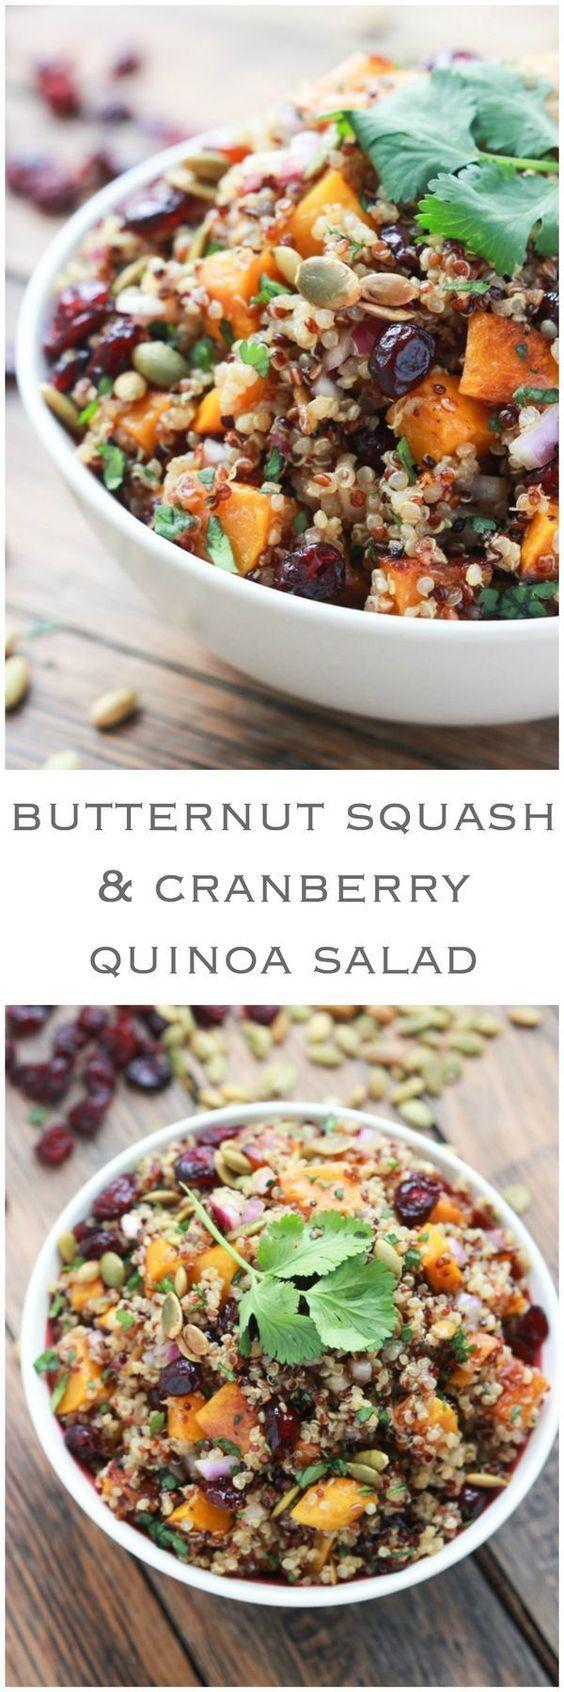 2cec0022917d188c156becff758a2fc0  fall salad quinoa salad Butternut Squash and Cranberry Quinoa Salad   healthy fall salad with delicious ...